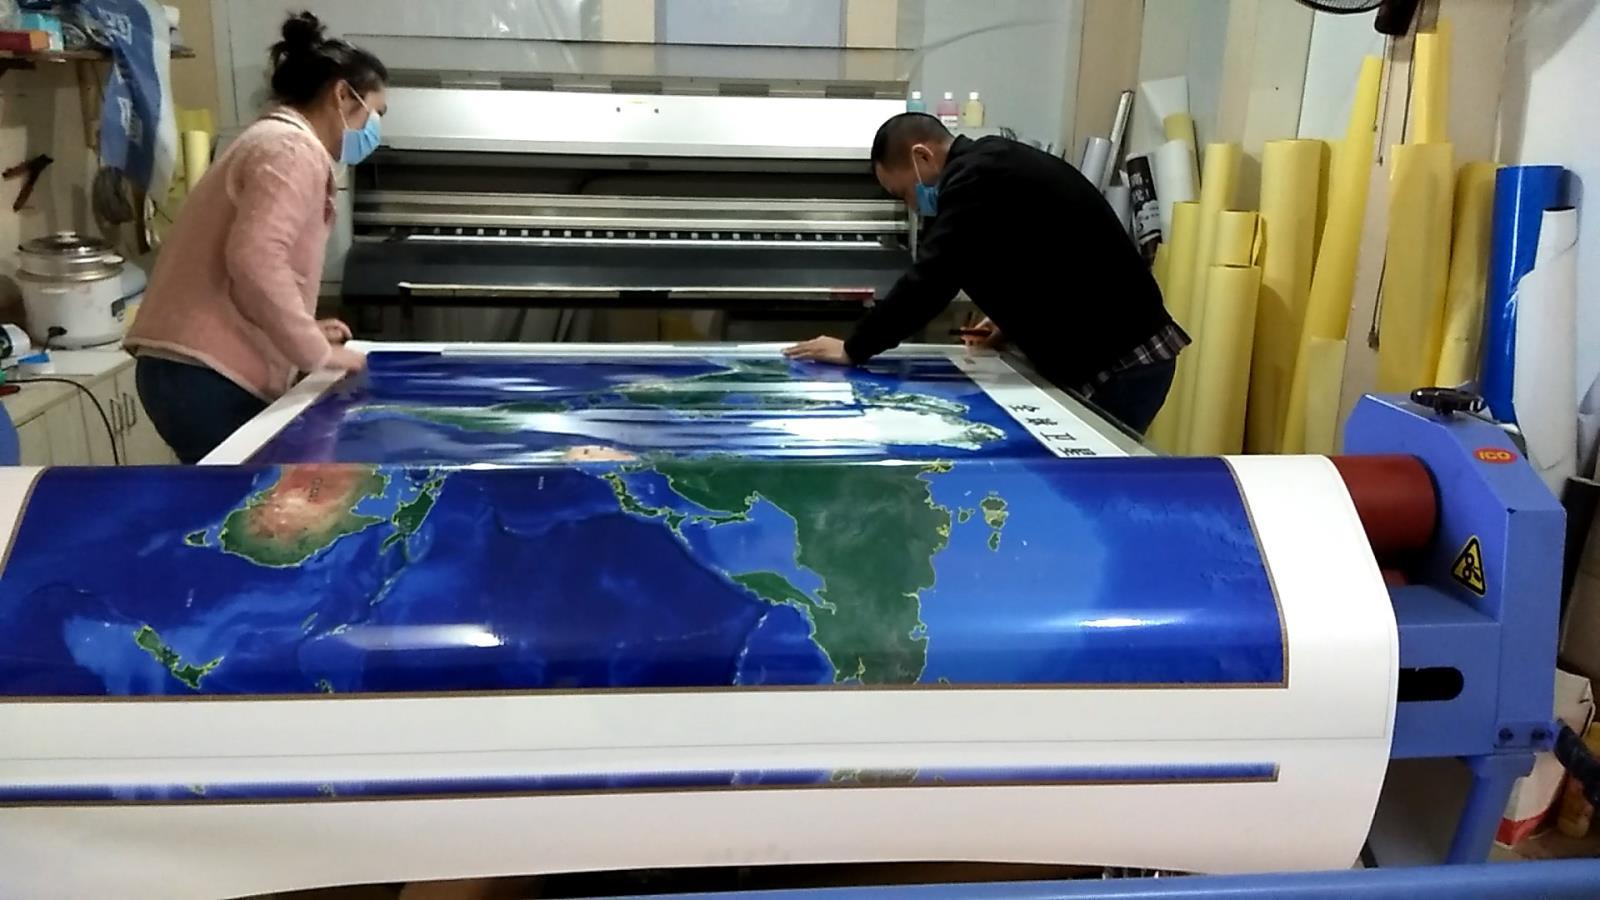 基于全球谷歌卫星影像的大字体挂图打印制作方法